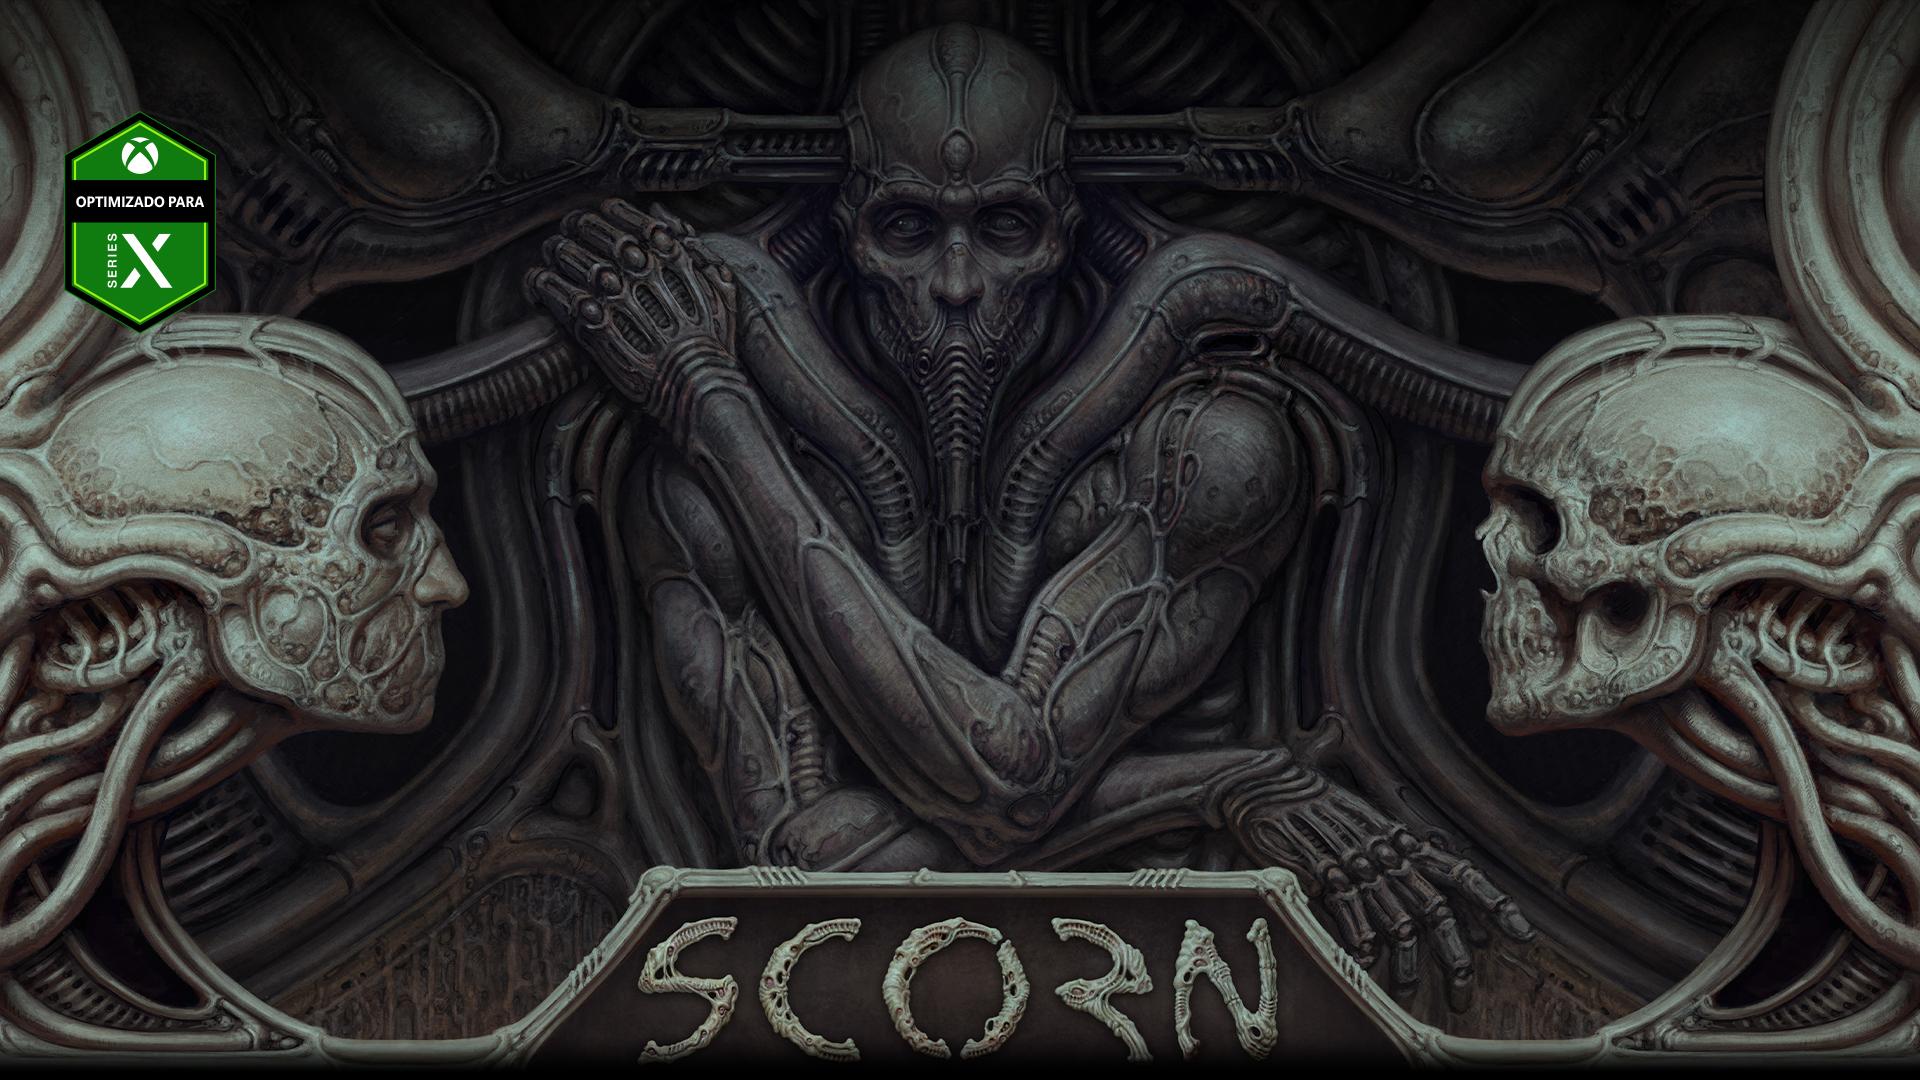 Personaje de Scorn incrustado en una pared con dos calaveras.